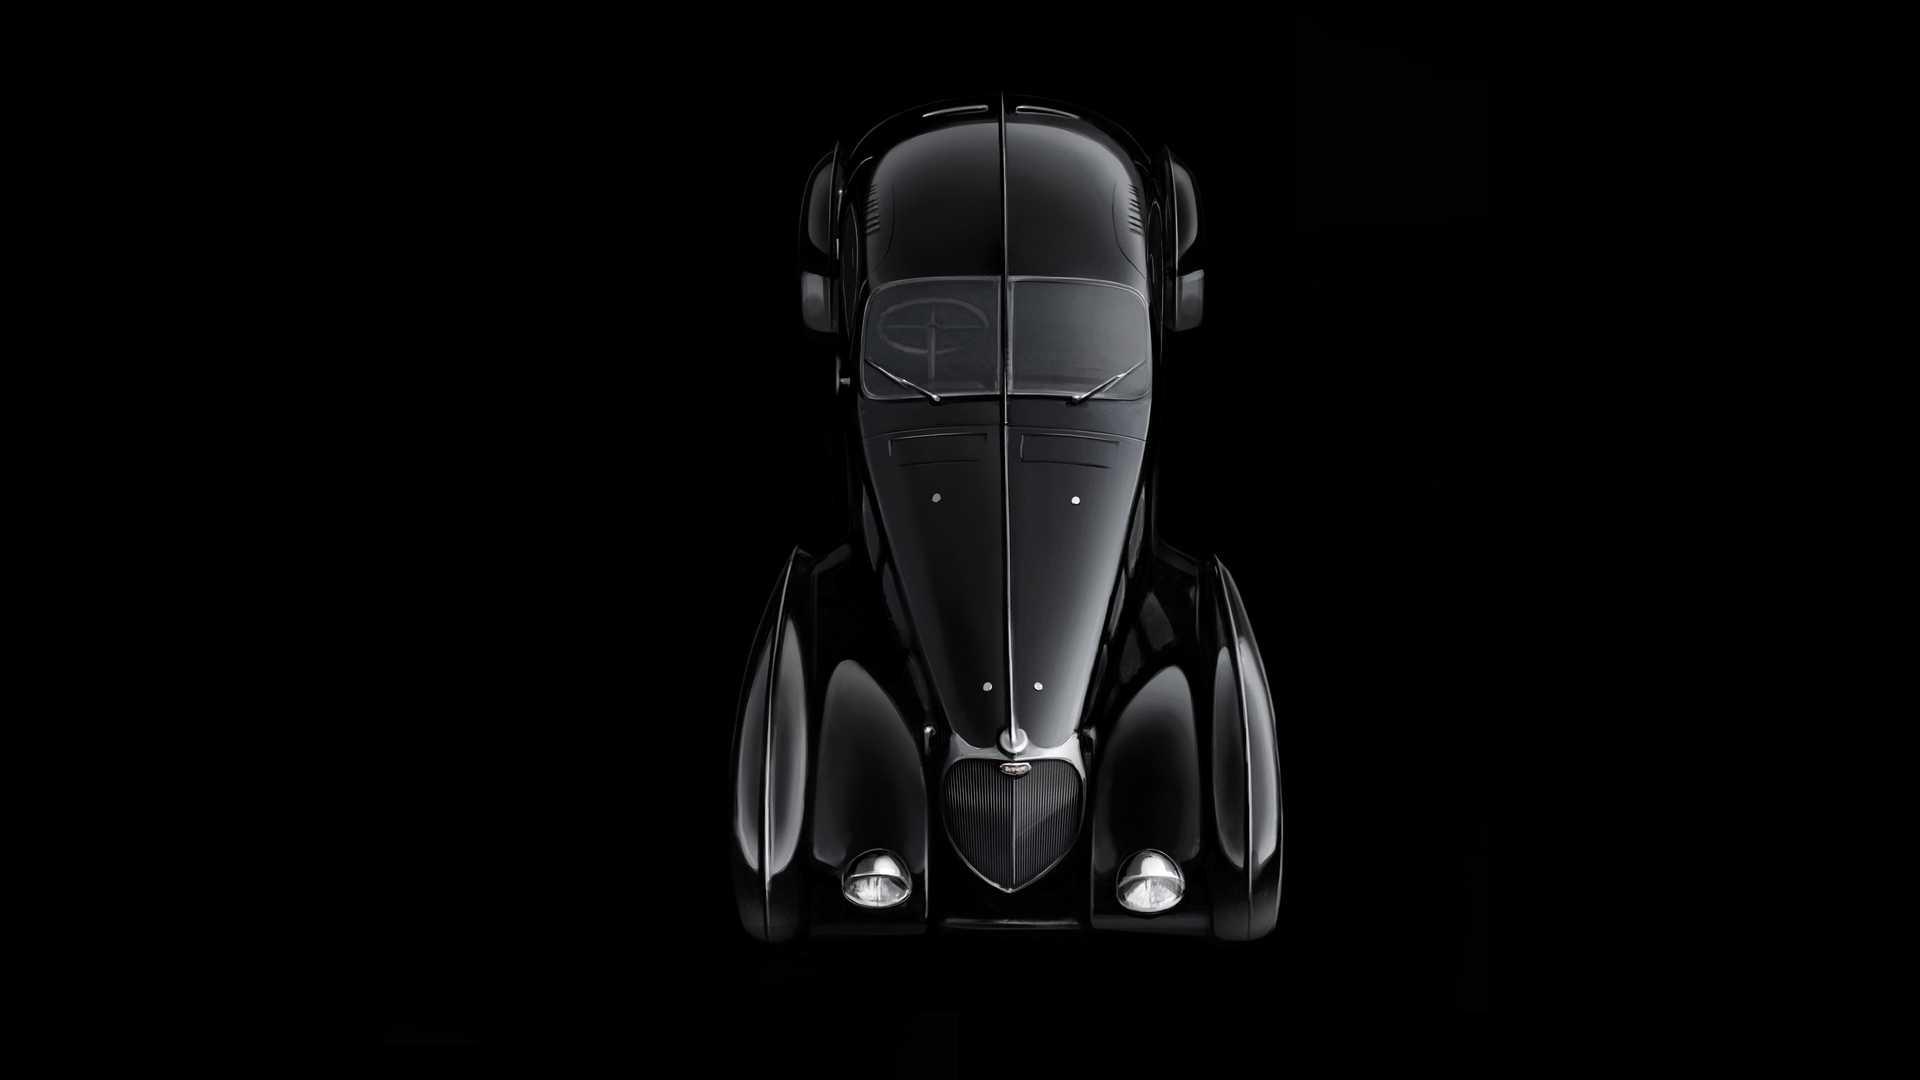 bugatti-la-voiture-noire (29)